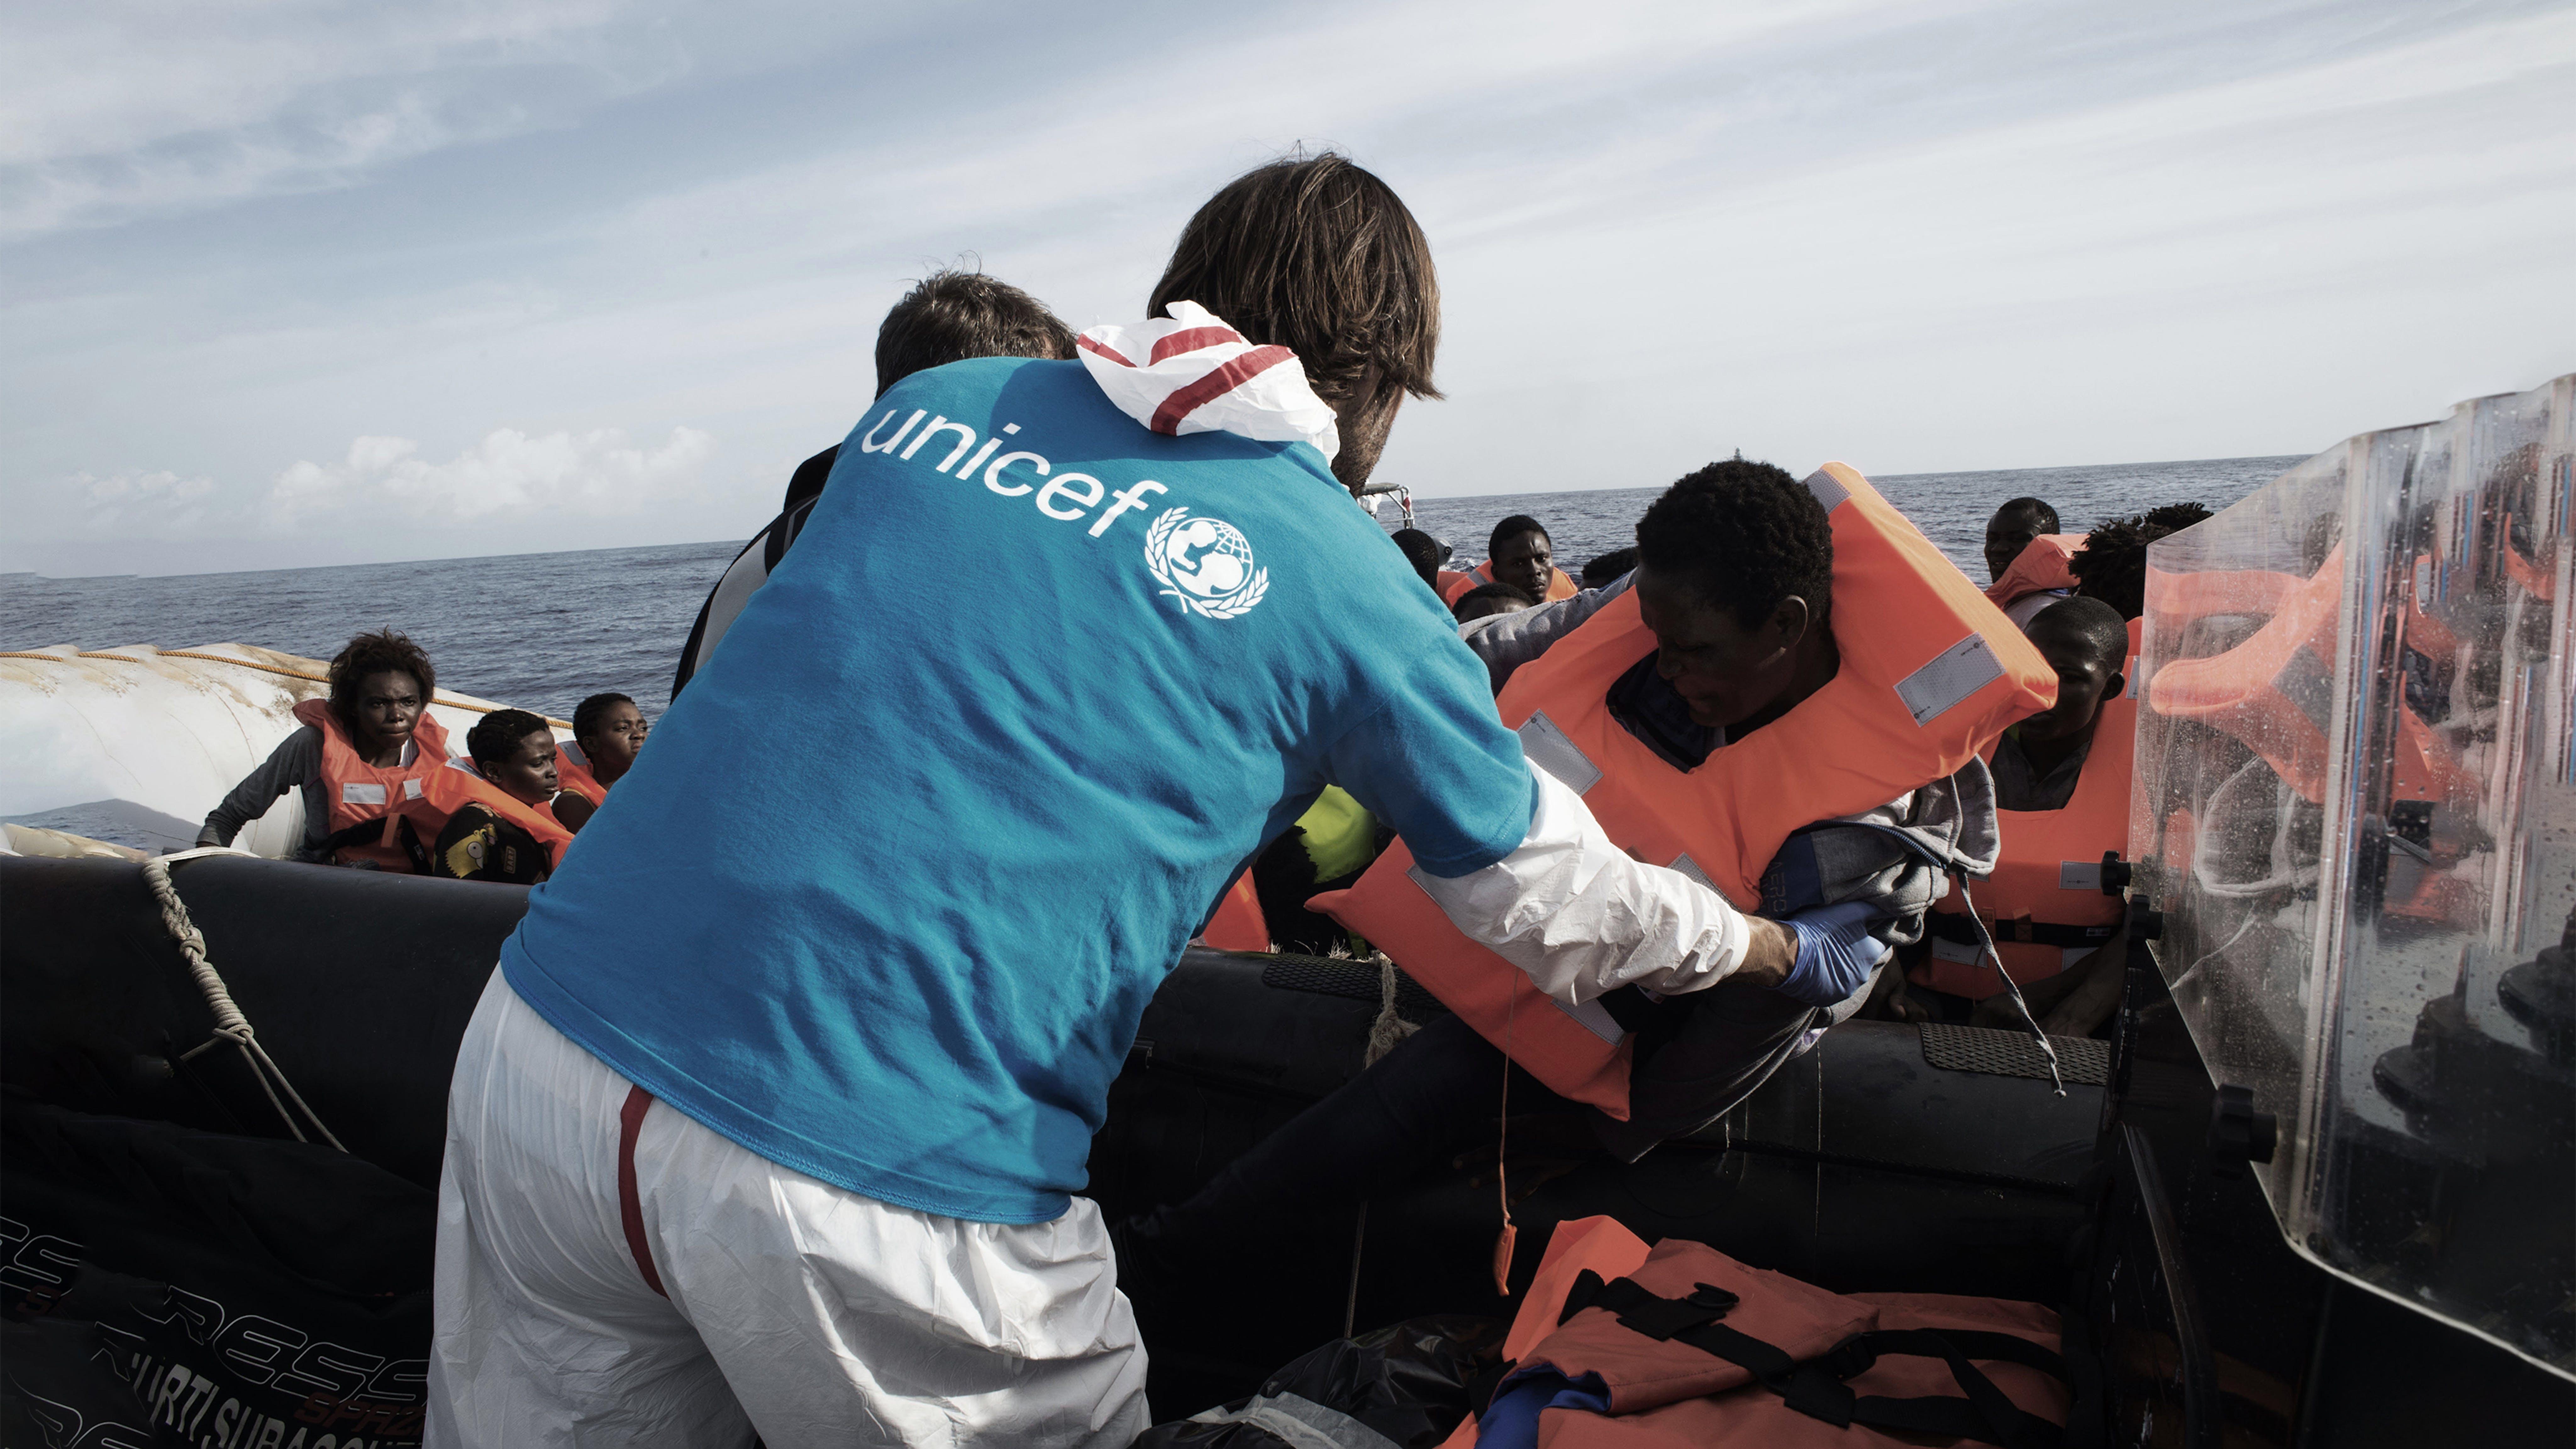 Un volontario italiano aiutare i migranti a trasferirsi dal gommone alla nave Fasan della Marina Militare